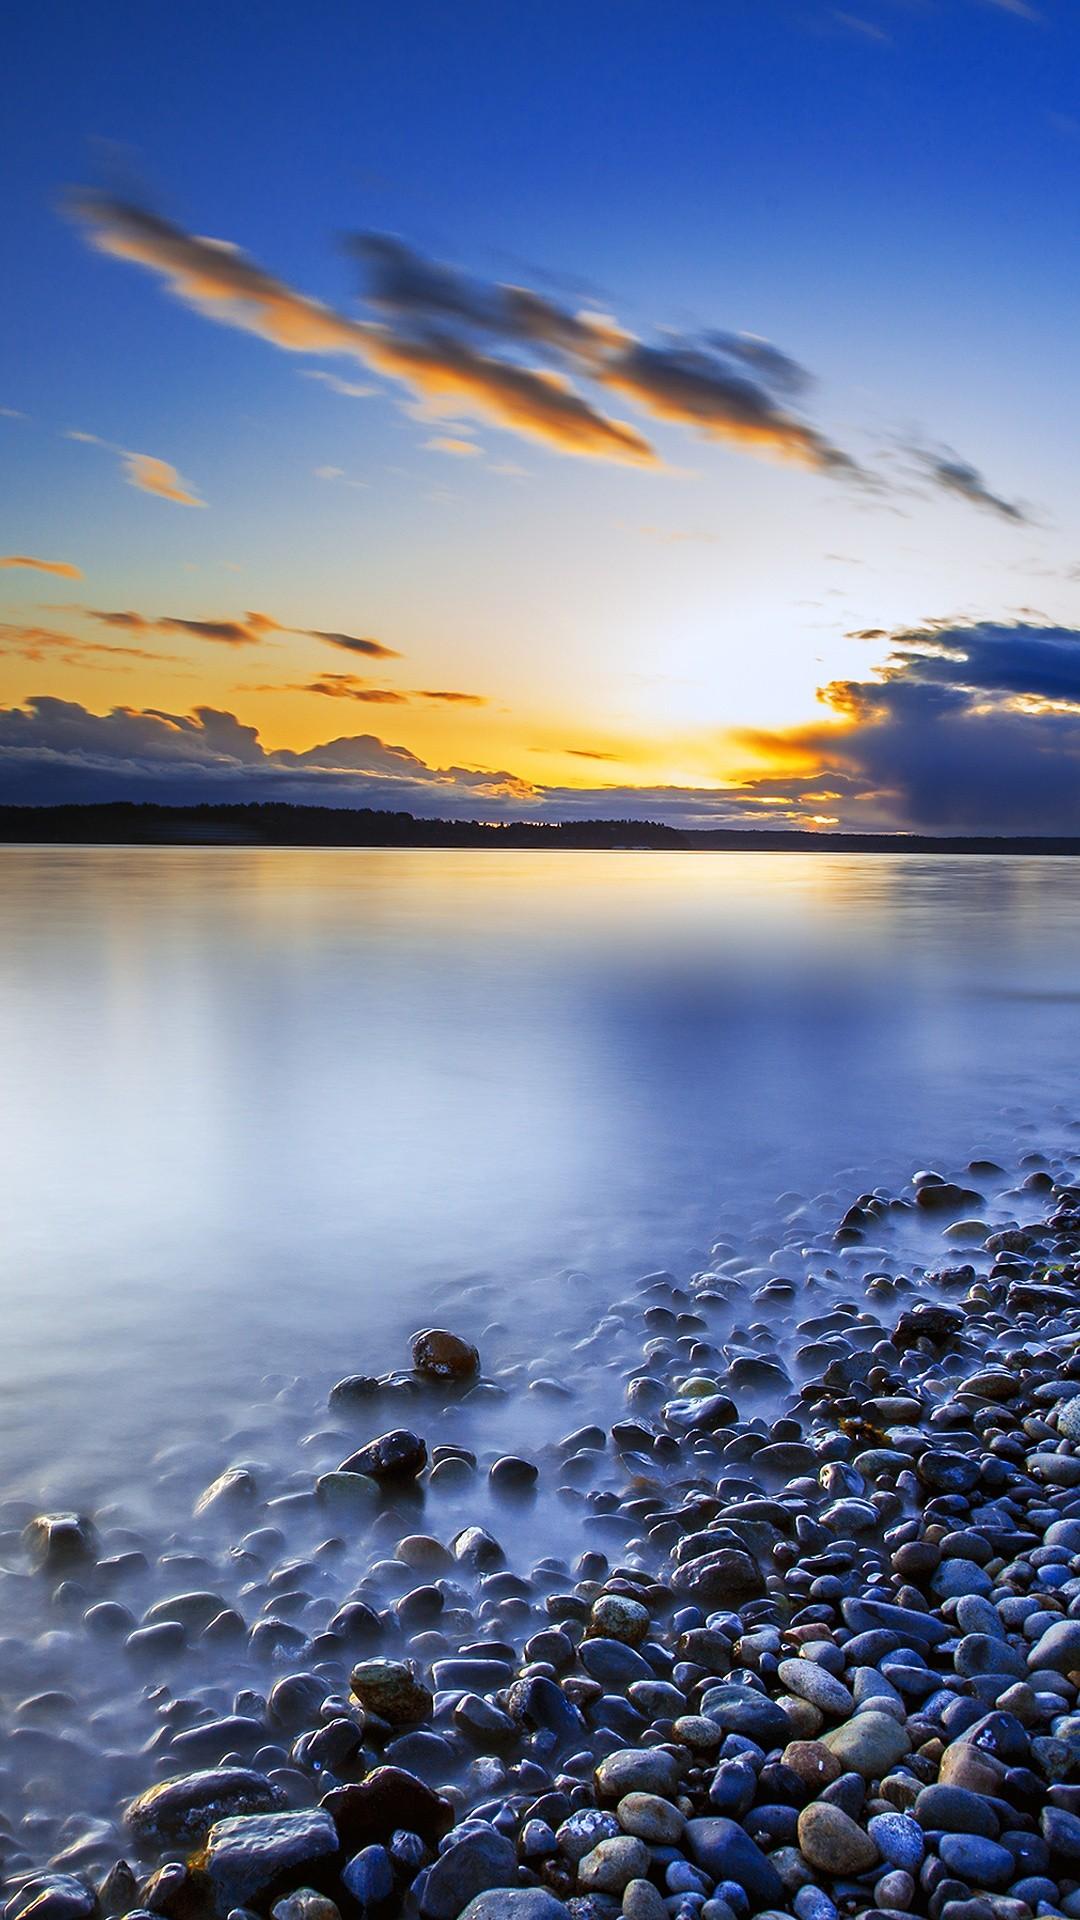 بالصور صور شاشة كمبيوتر صور خلفيات طبيعية روعة , مناظر الطبيعة الخلابة 4070 9